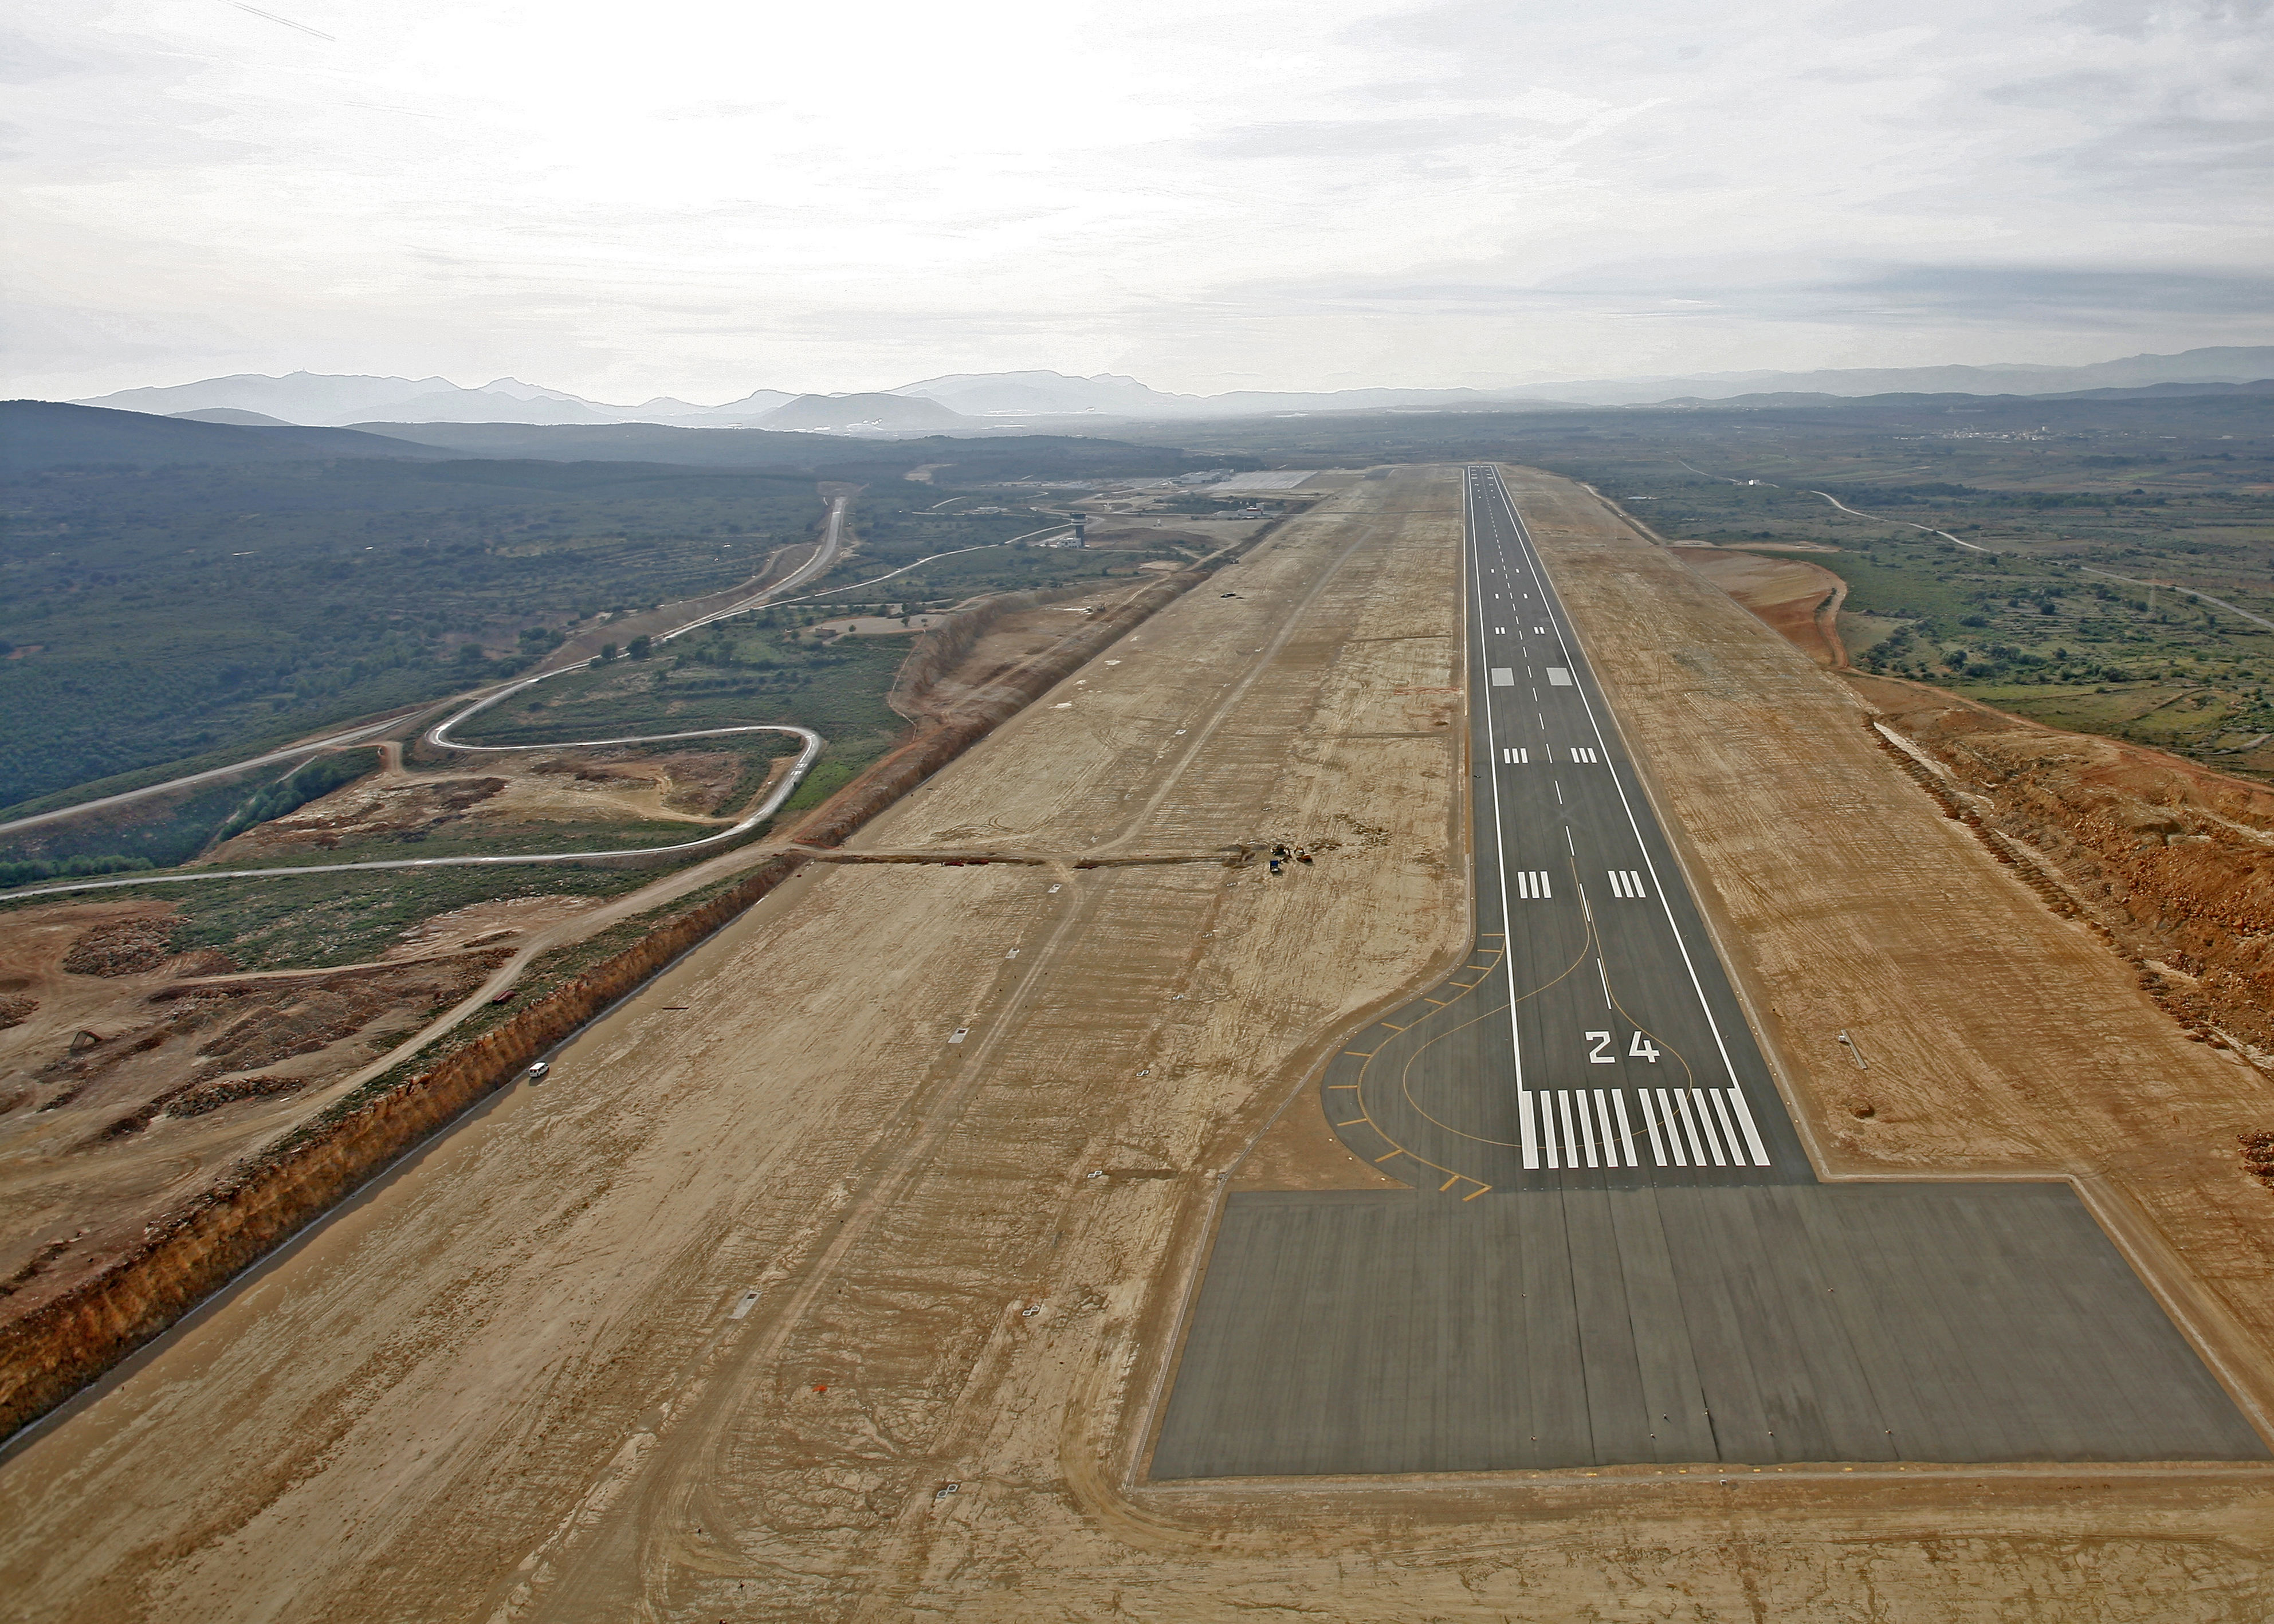 Vista aerea pista Aeropuerto Castellón